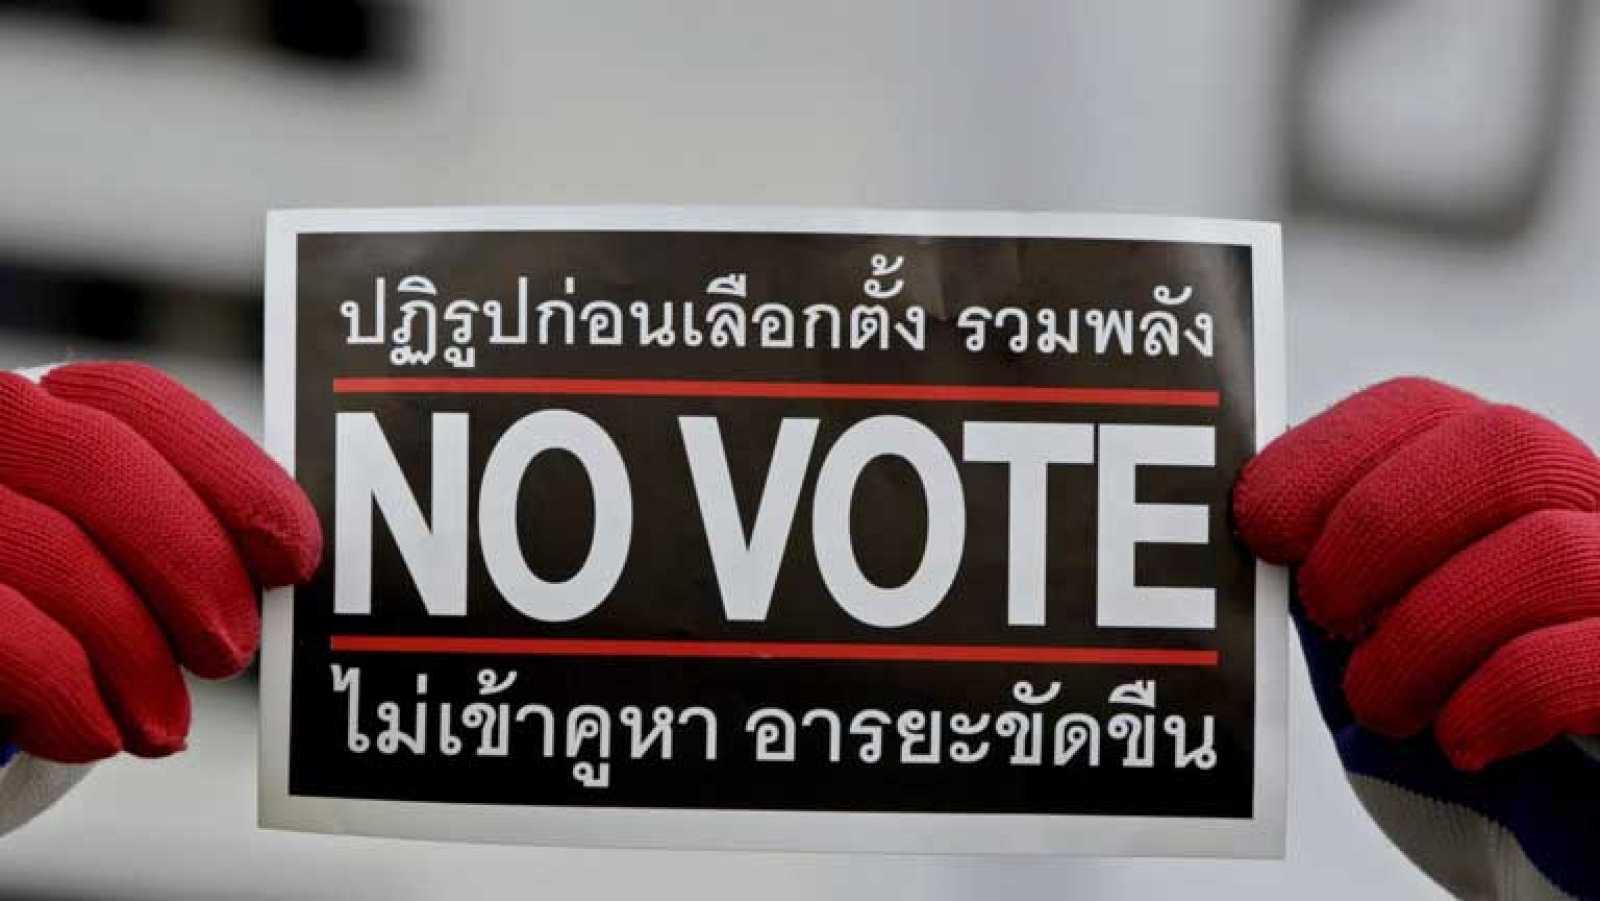 Votación en Tailandia en unas elecciones condenadas desde el principio